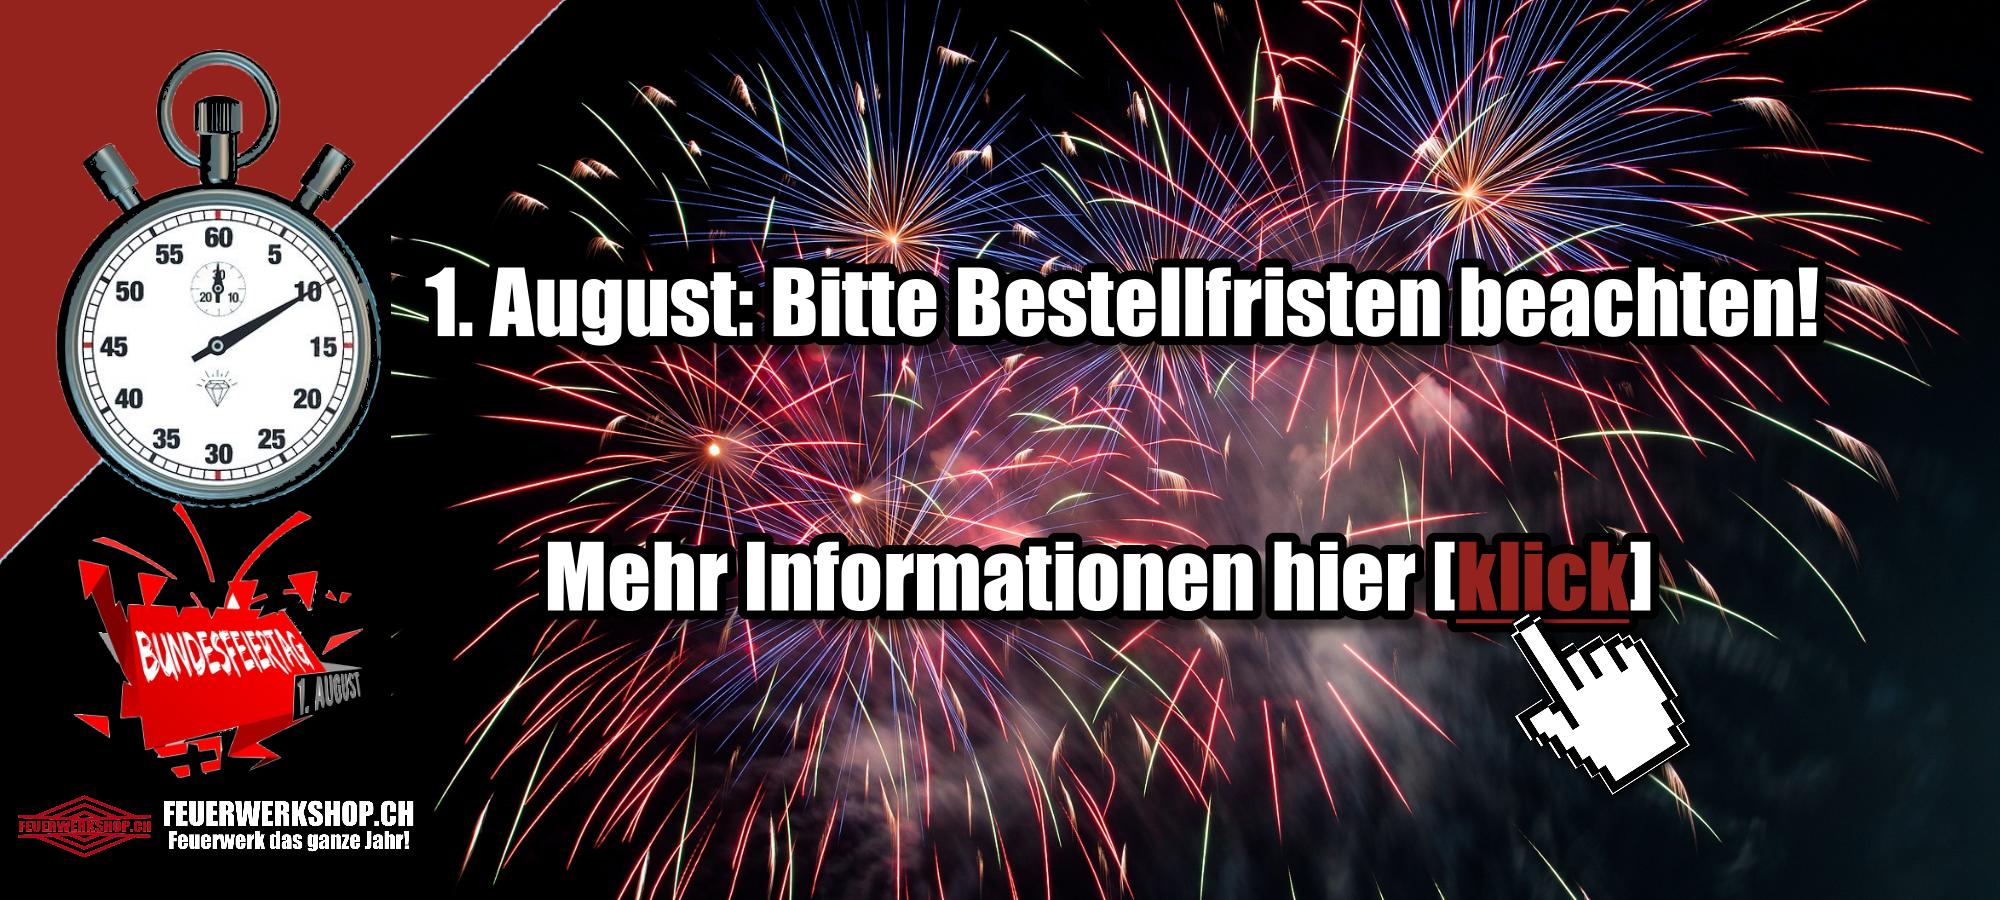 1. August Feuerwerkverkauf - Bestellfristen beachten!